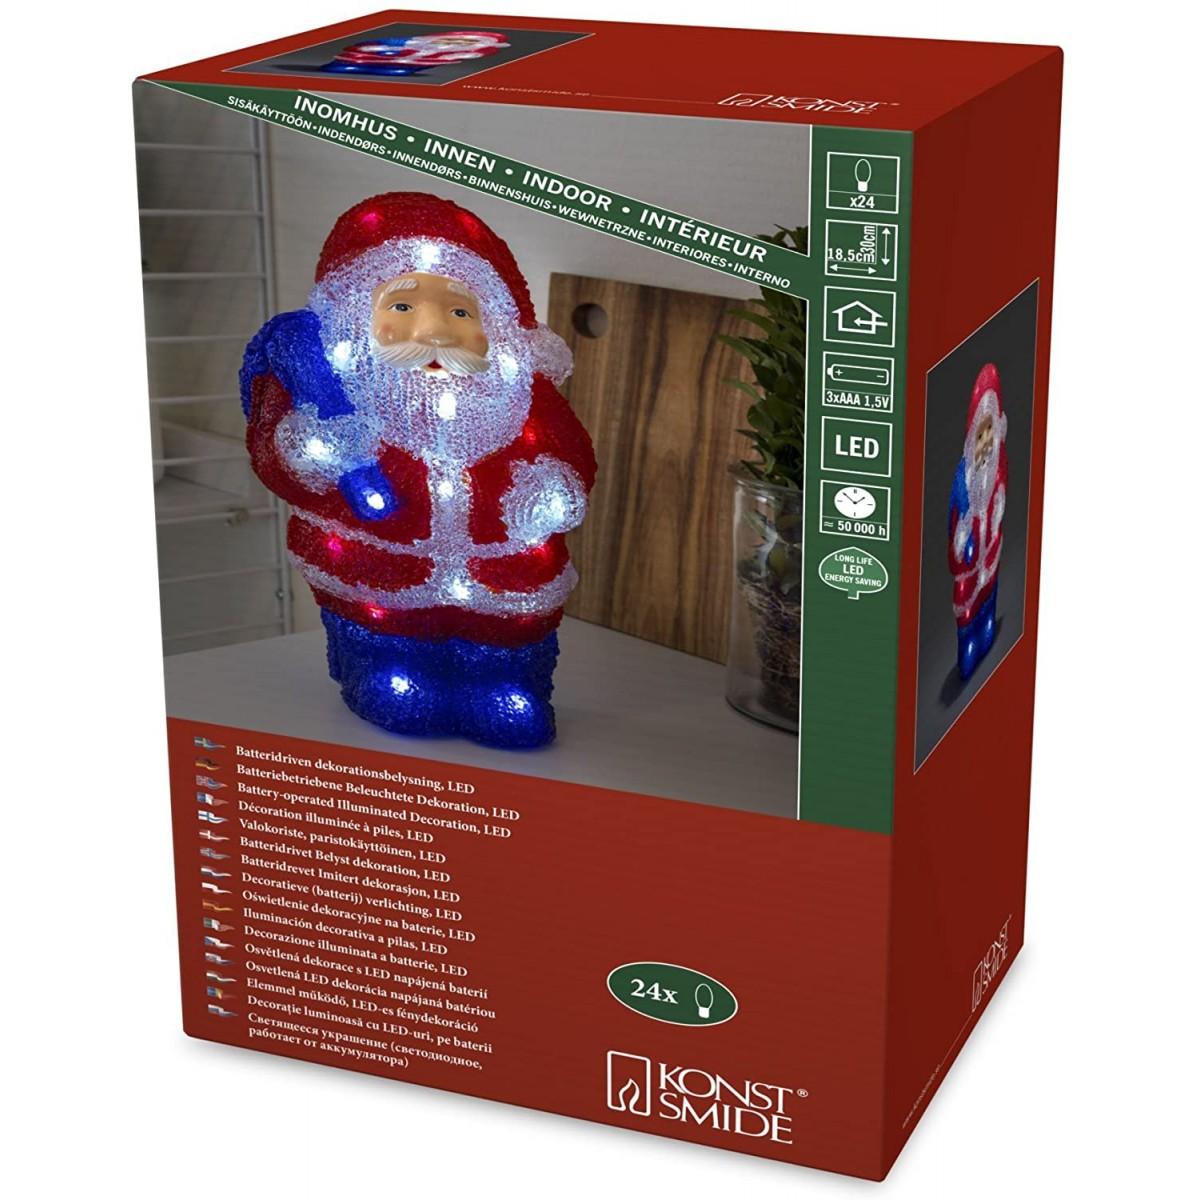 Decorazioni Natalizie A Led.Babbo Natale Luminoso Con Led Decorazioni Natalizie